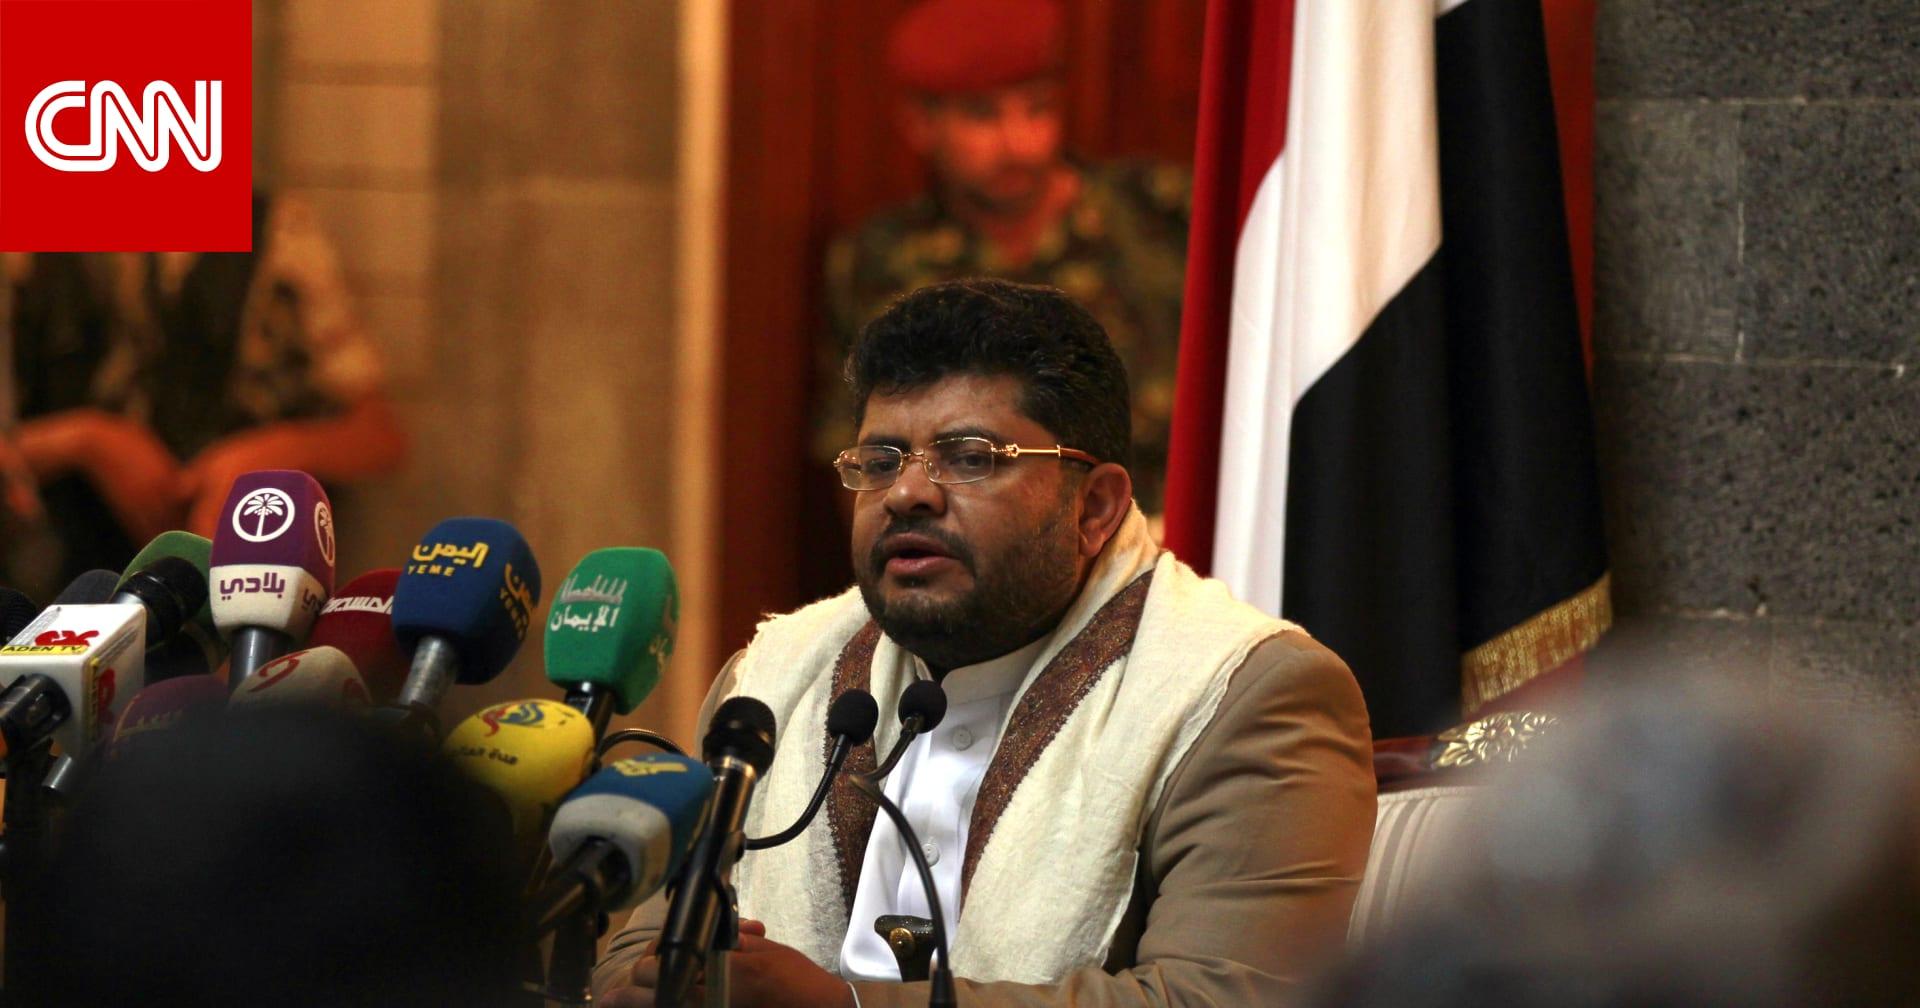 الحوثيون يشككون في تحرك الولايات المتحدة لوقف دعم السعودية في حرب اليمن